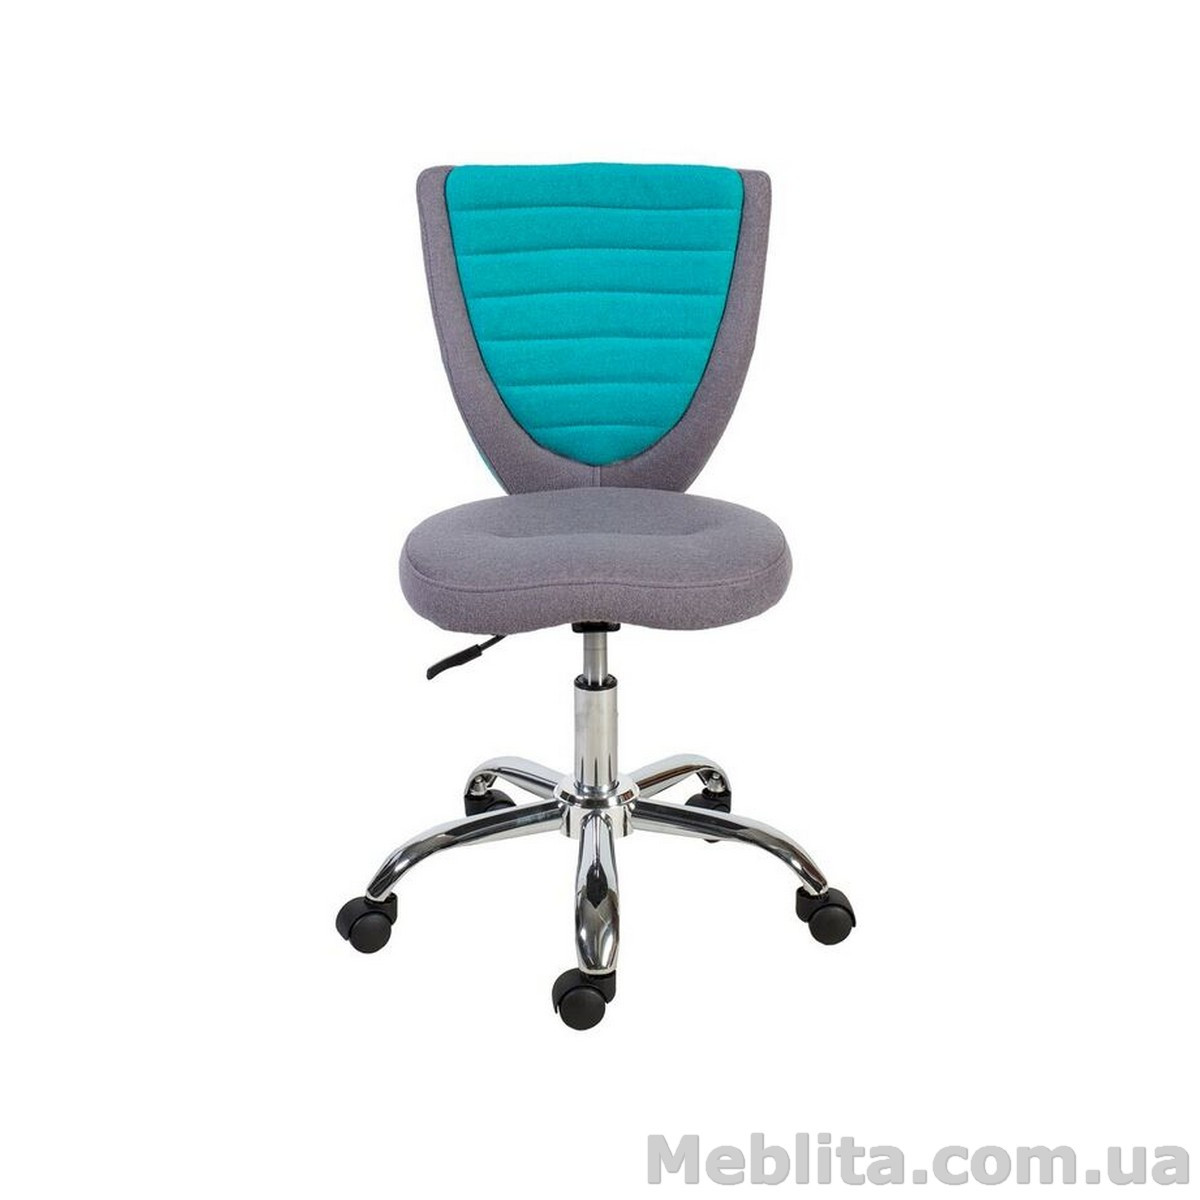 Кресло офисное POPPY, серо-голубое Office4You